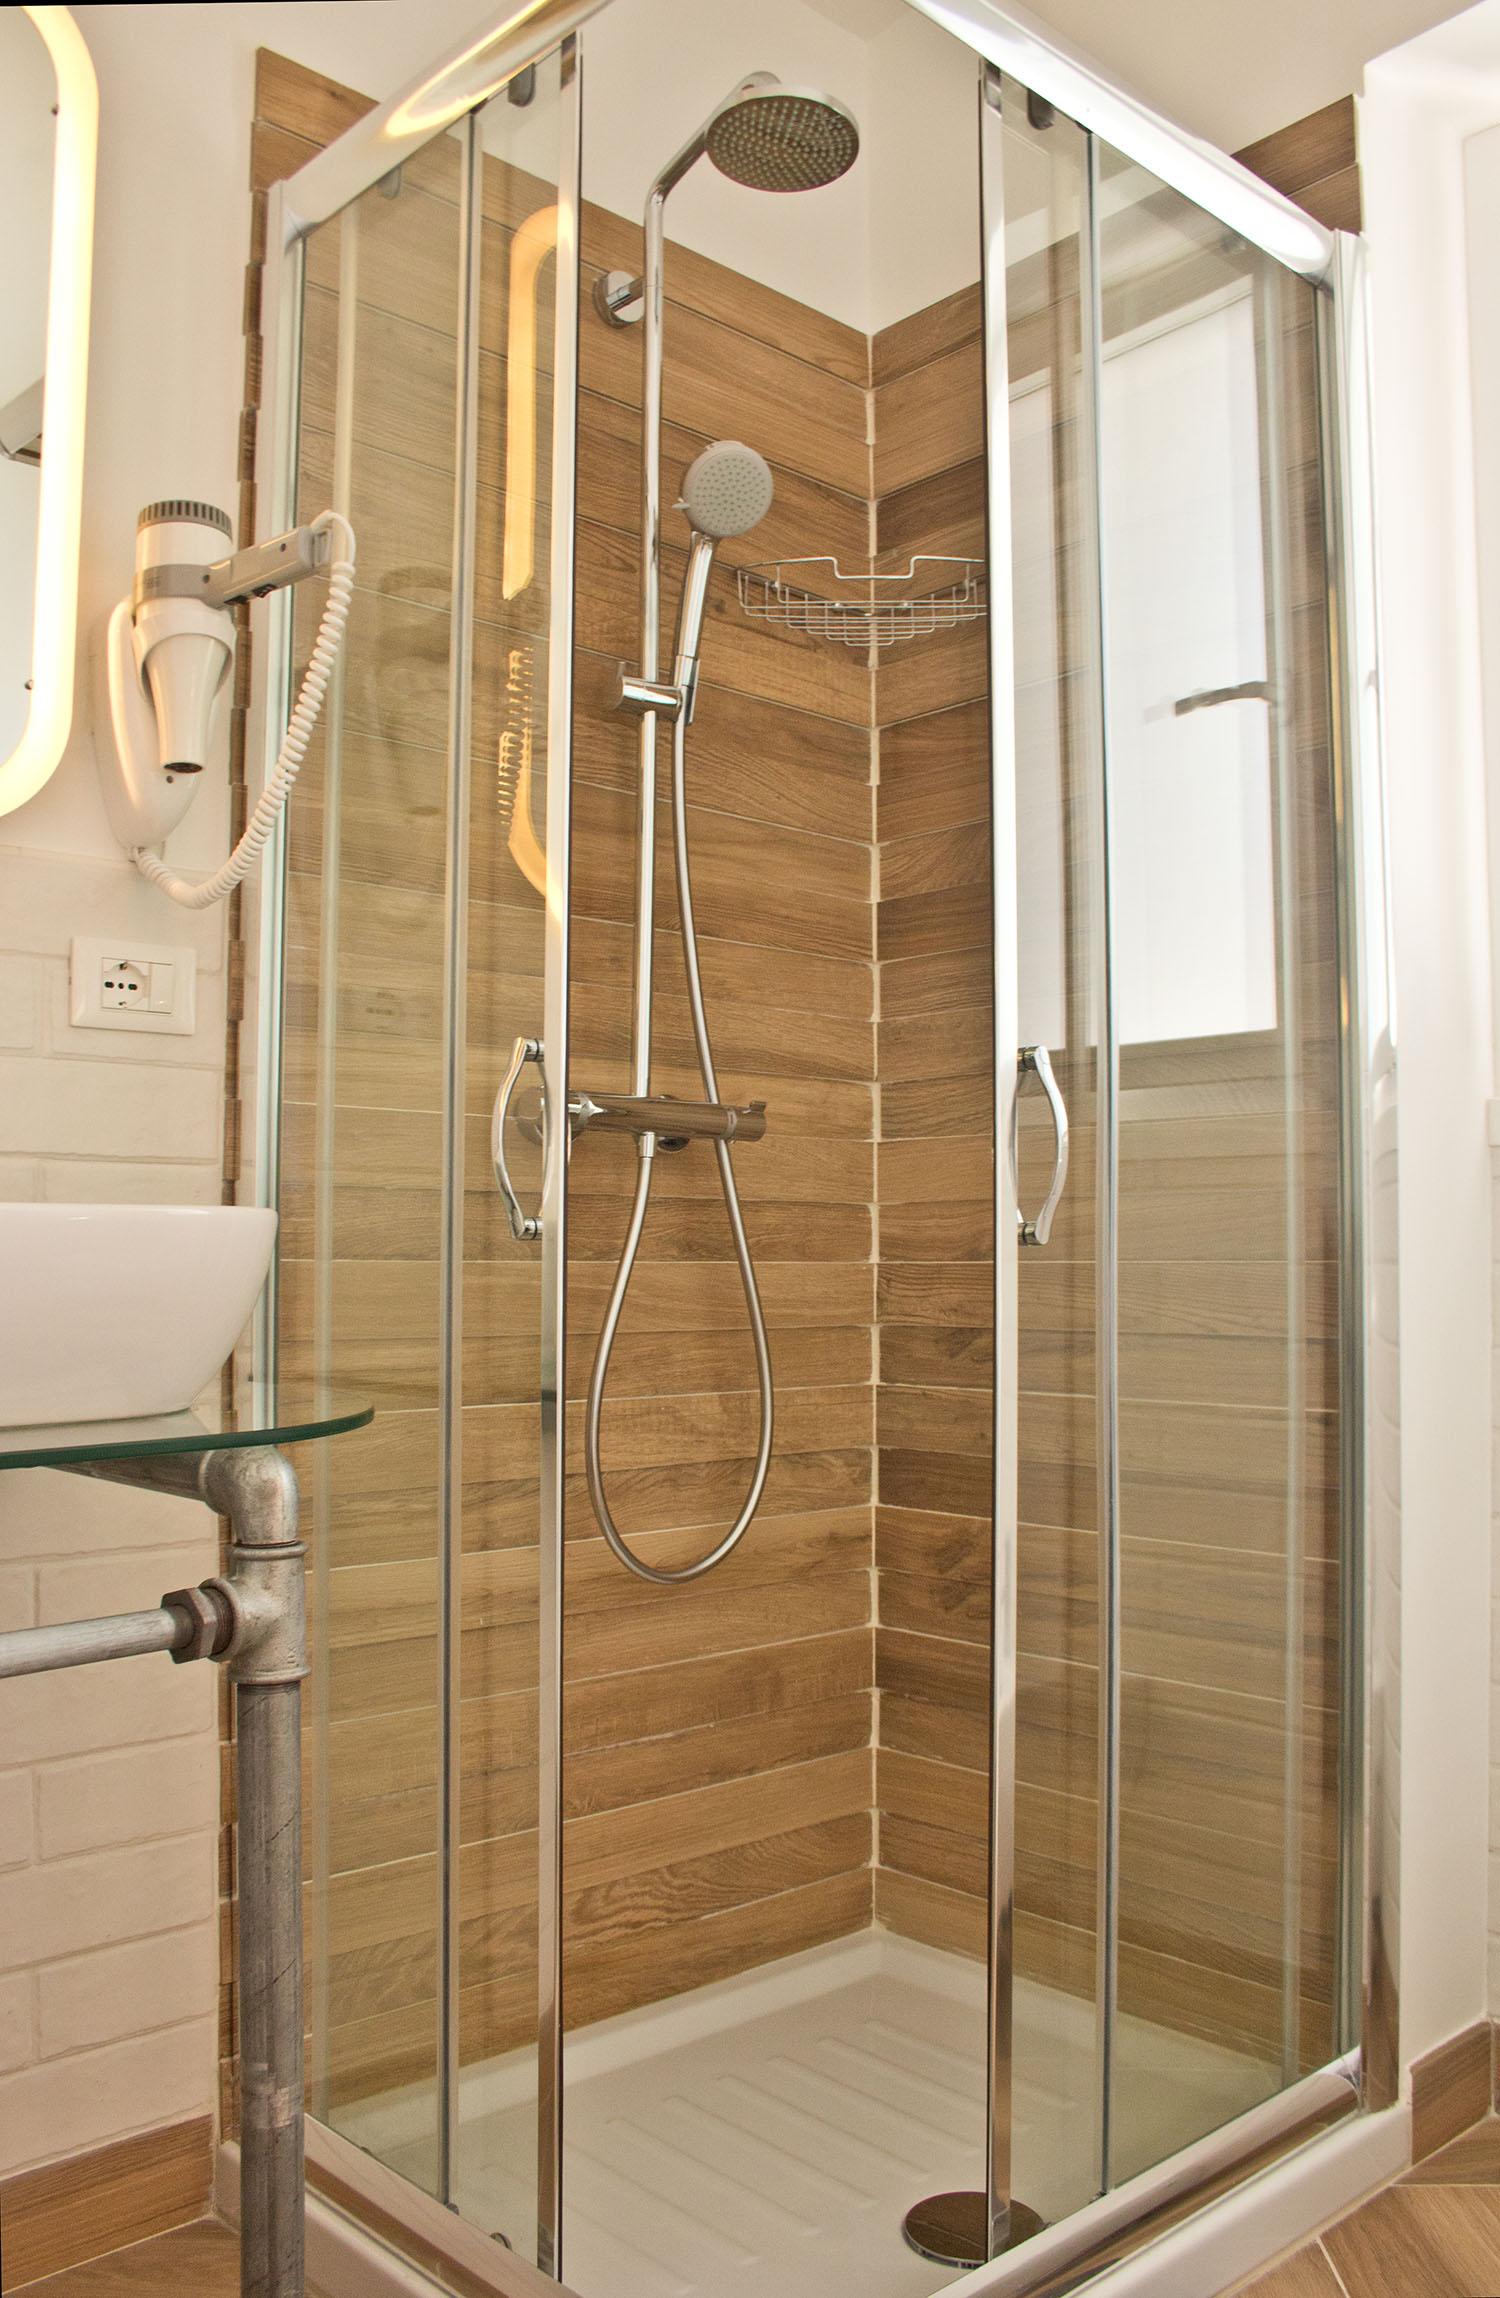 bagno roma su misura falegnameria (3)